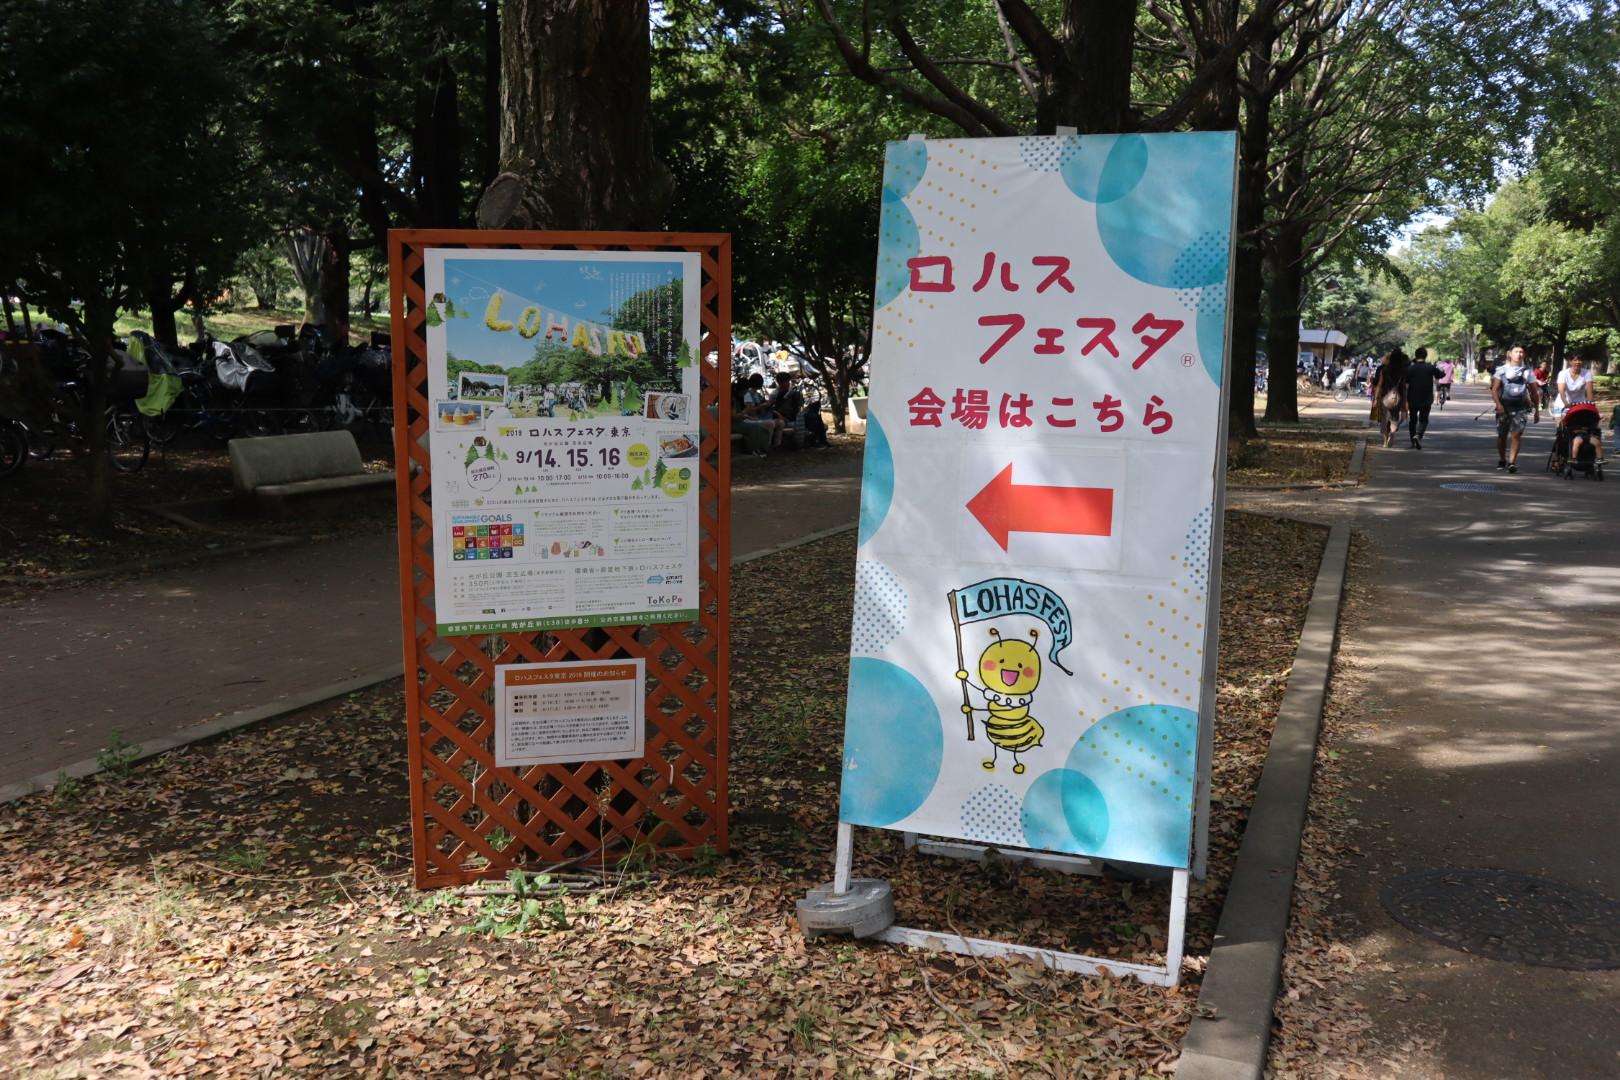 「ロハスフェスタ東京2019」に行ってきました!